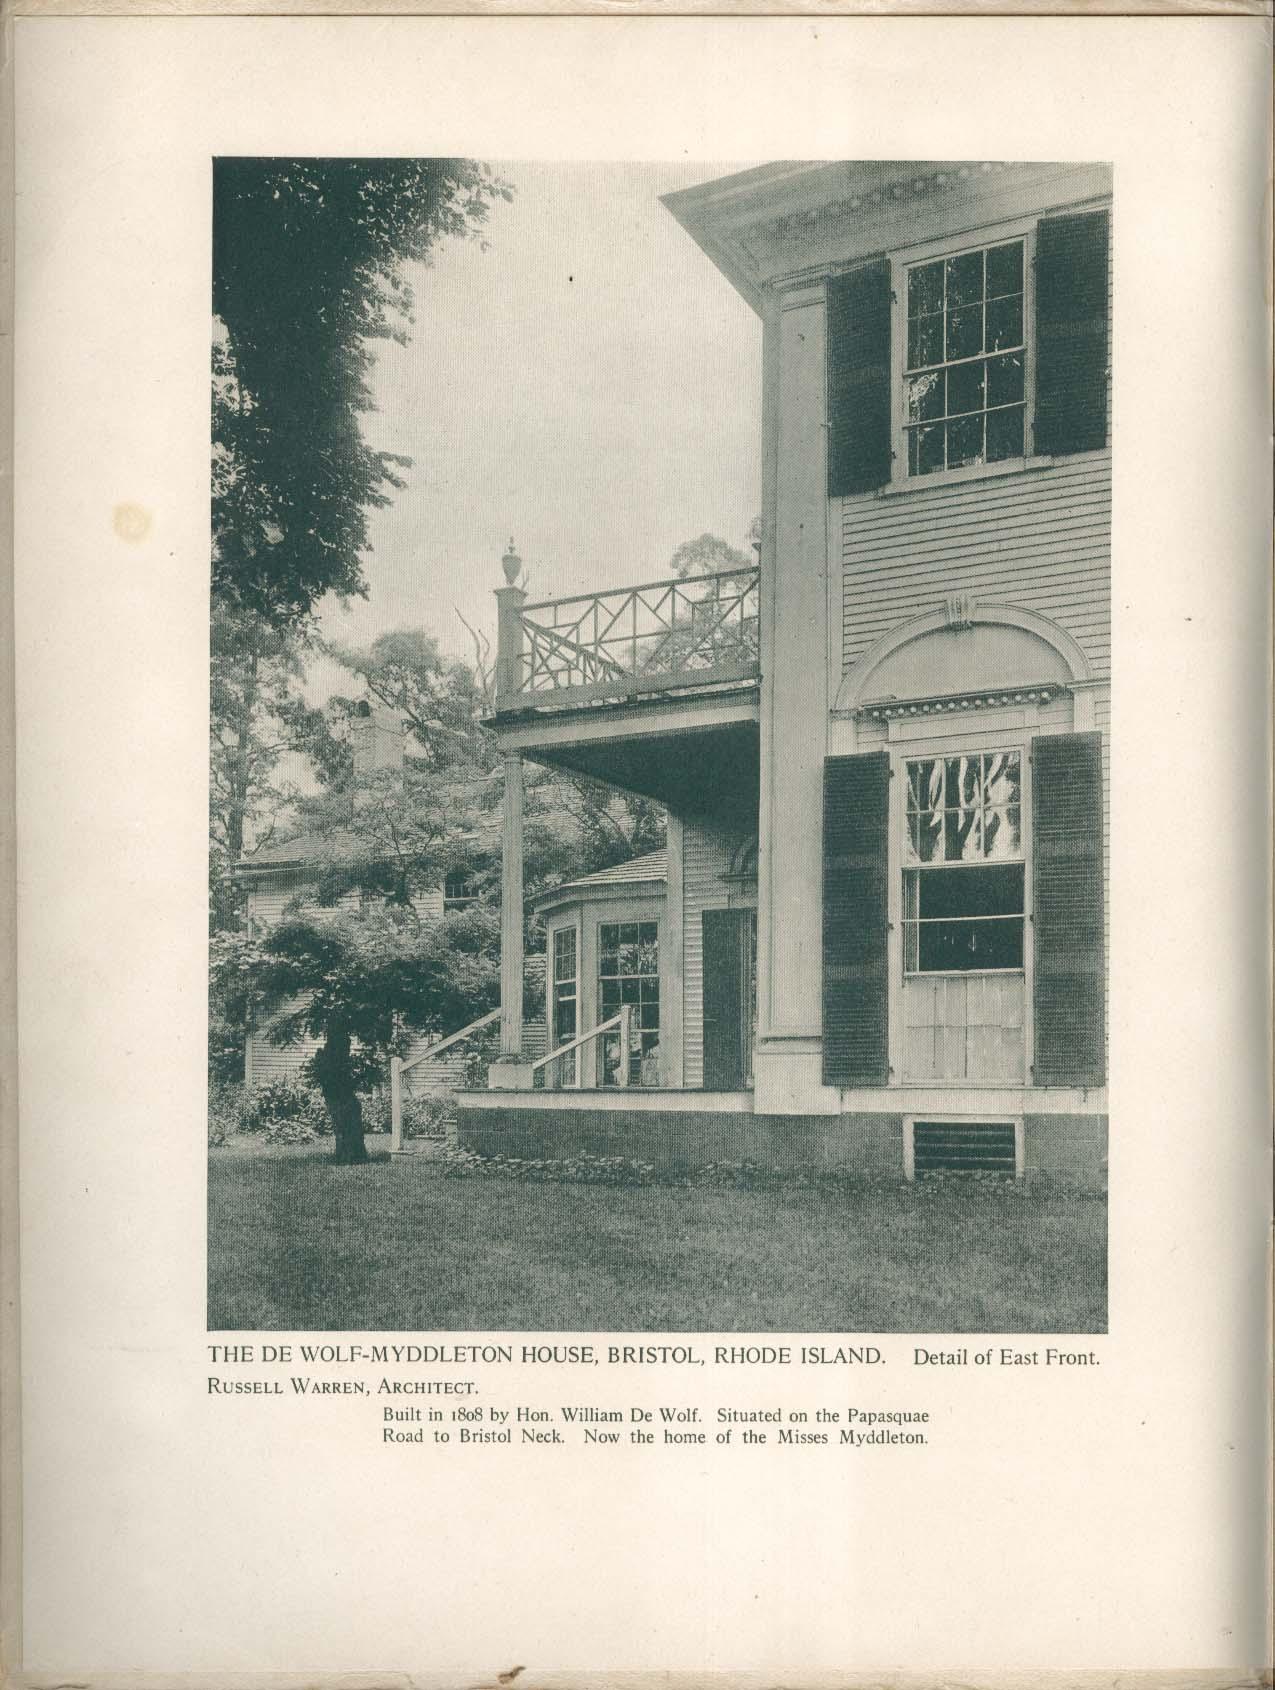 White Pine Architectural Monograph V3n5 Bristol Renaissance 1917